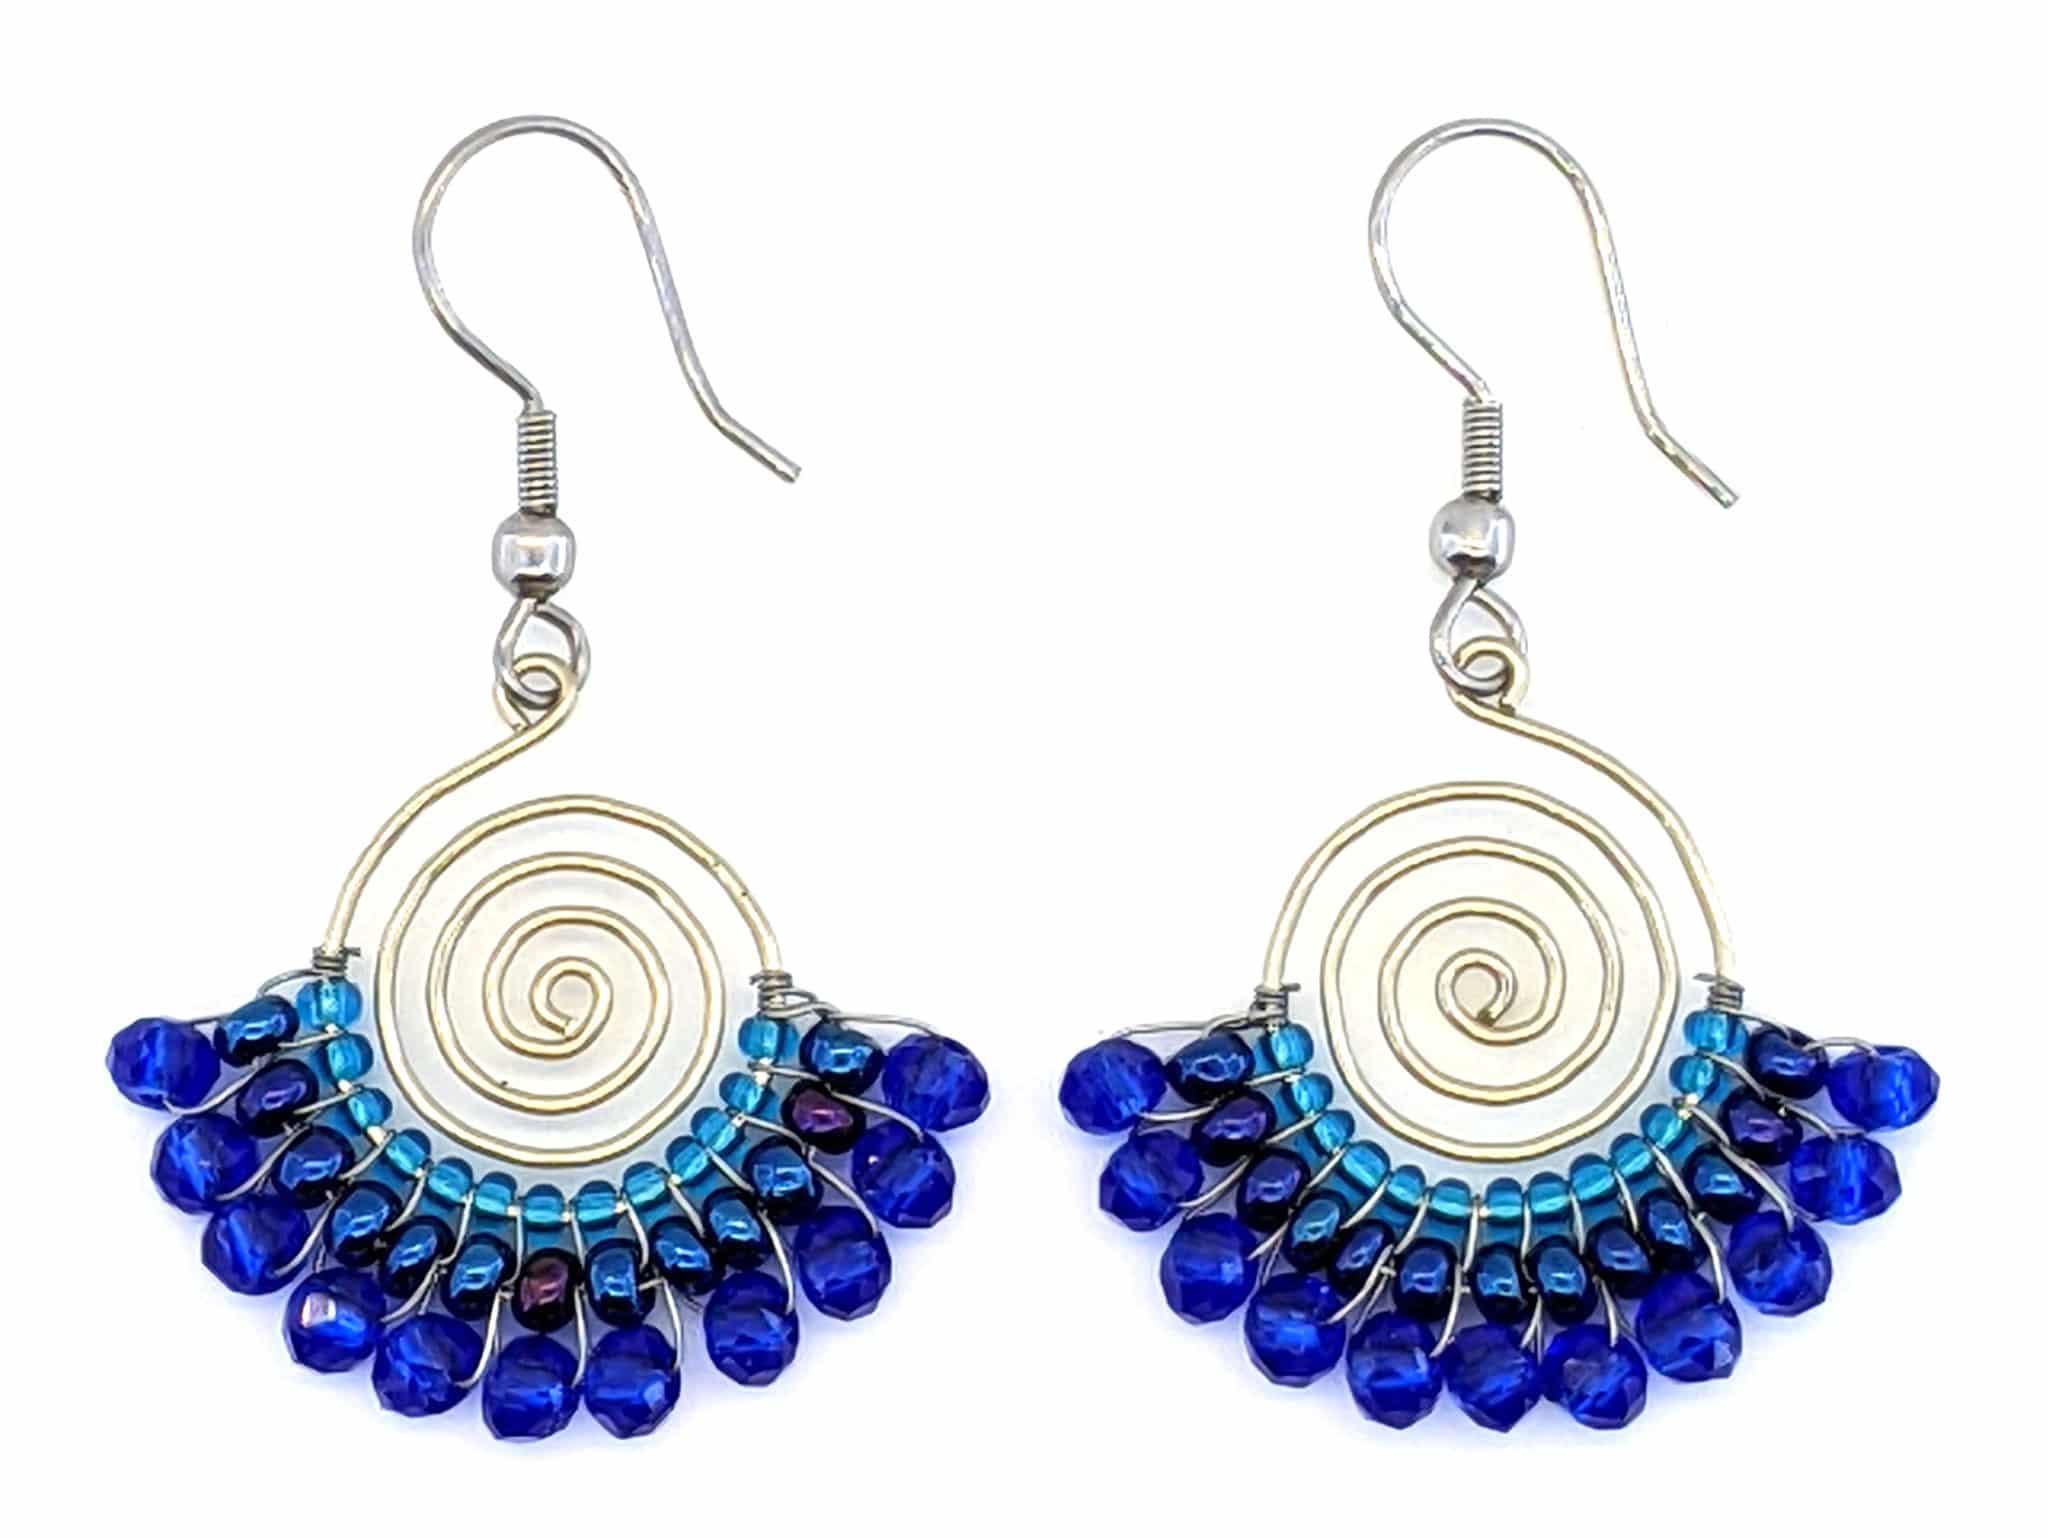 Spiral Skirt Beaded Earrings - Blues